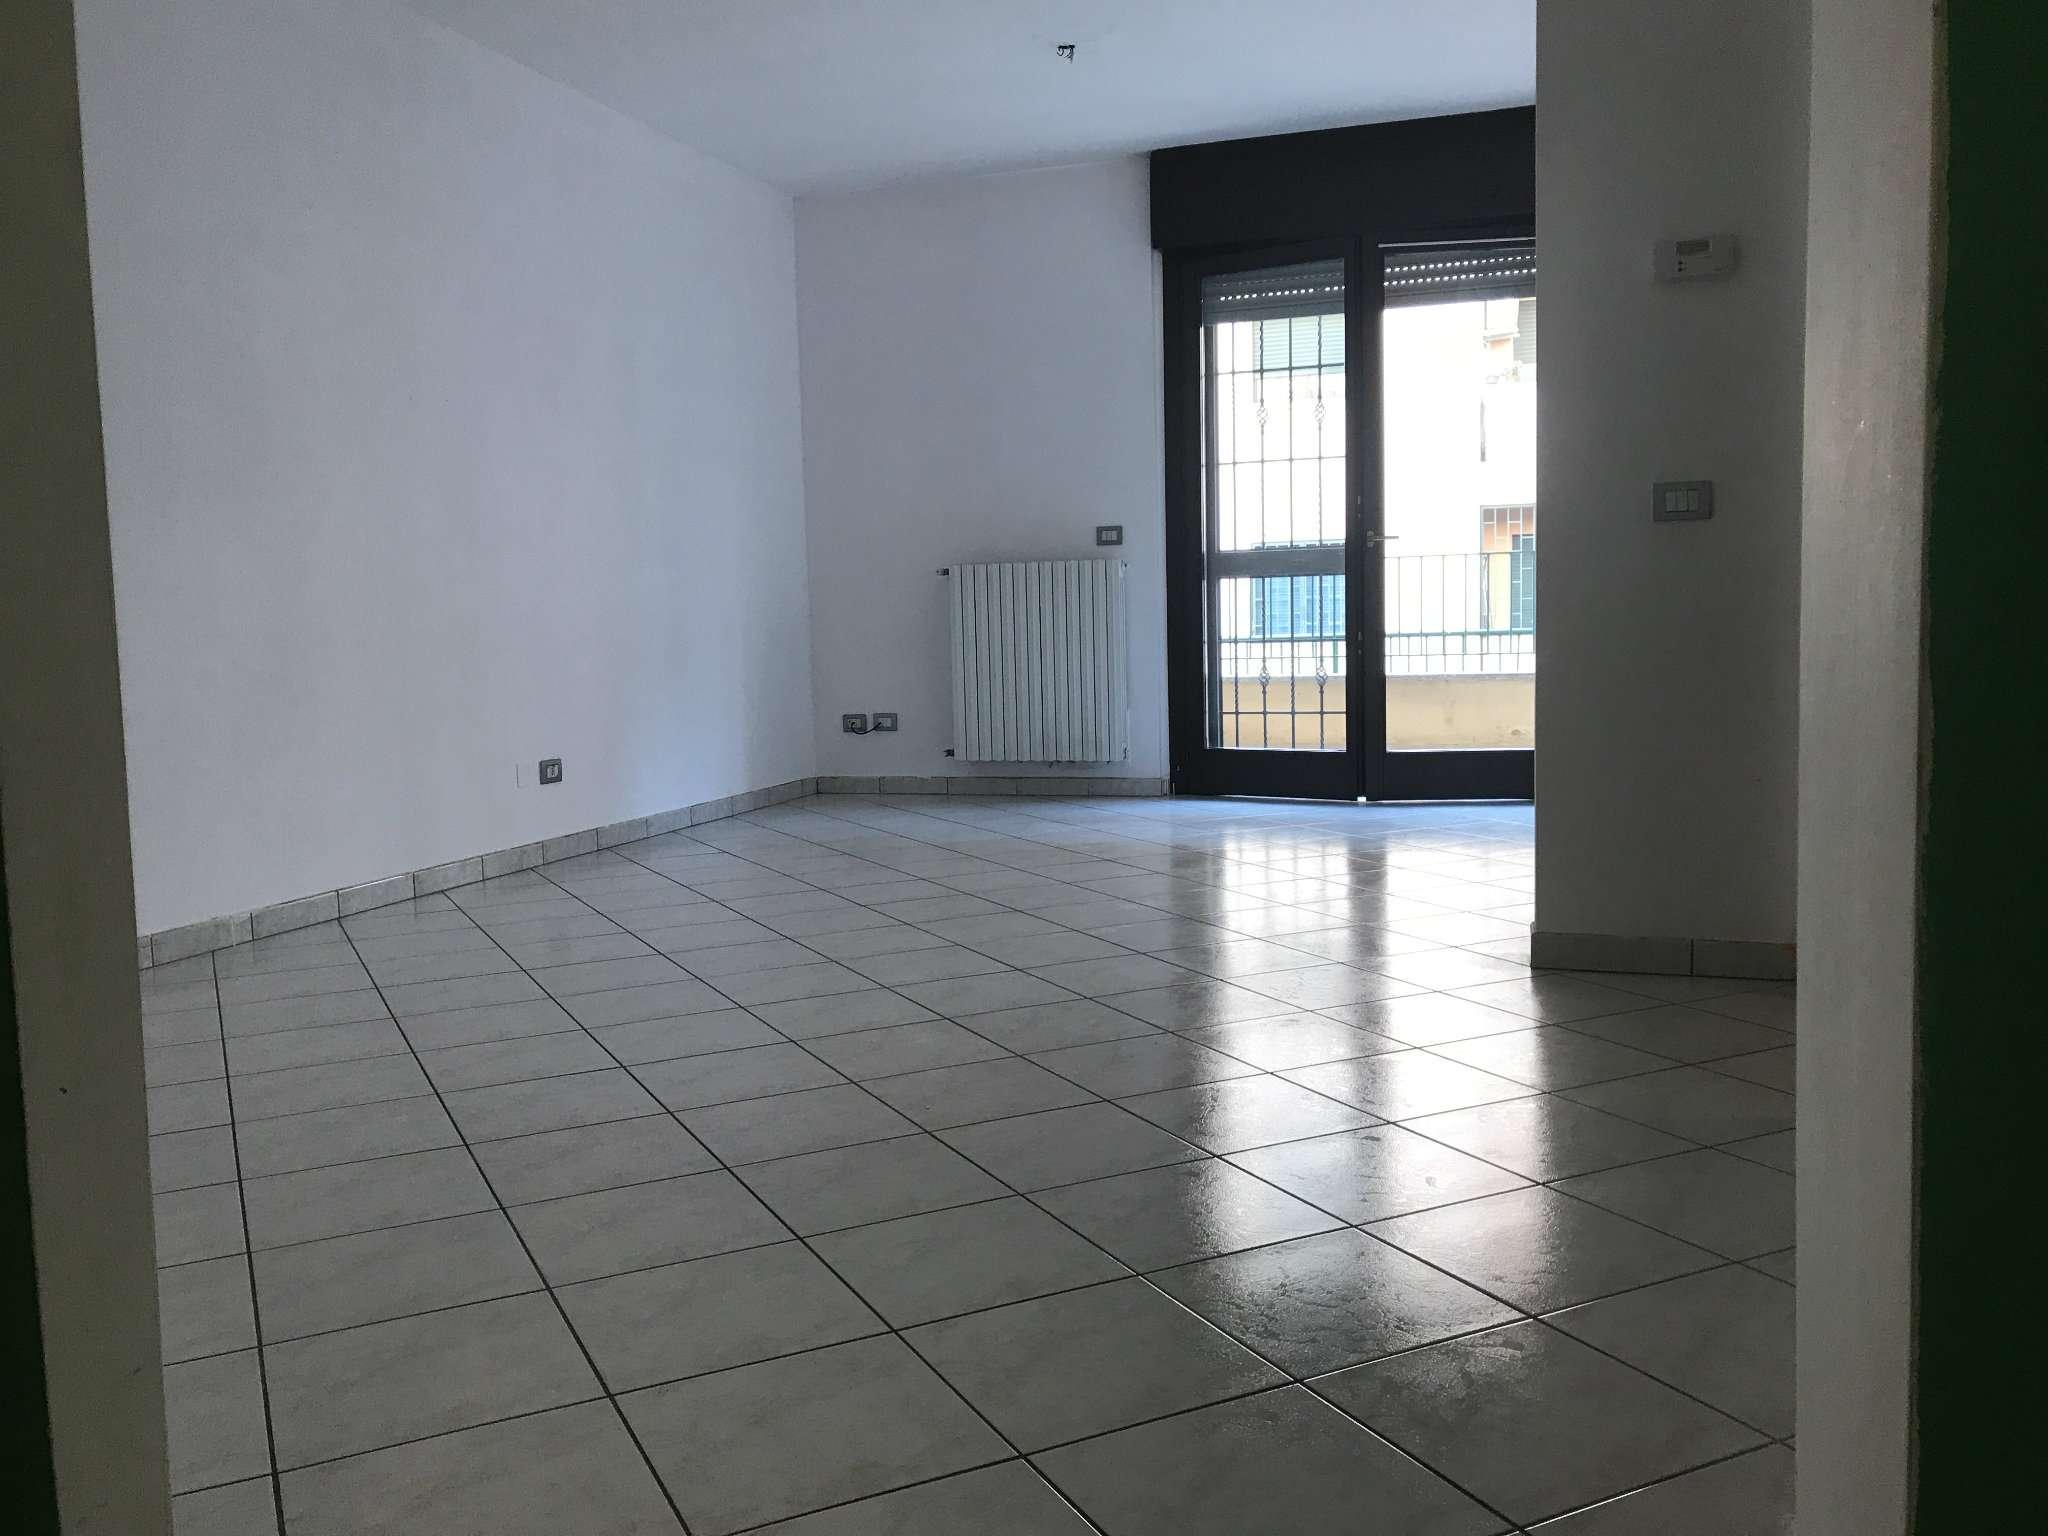 Appartamento in vendita a Gorgonzola, 2 locali, prezzo € 115.000 | CambioCasa.it